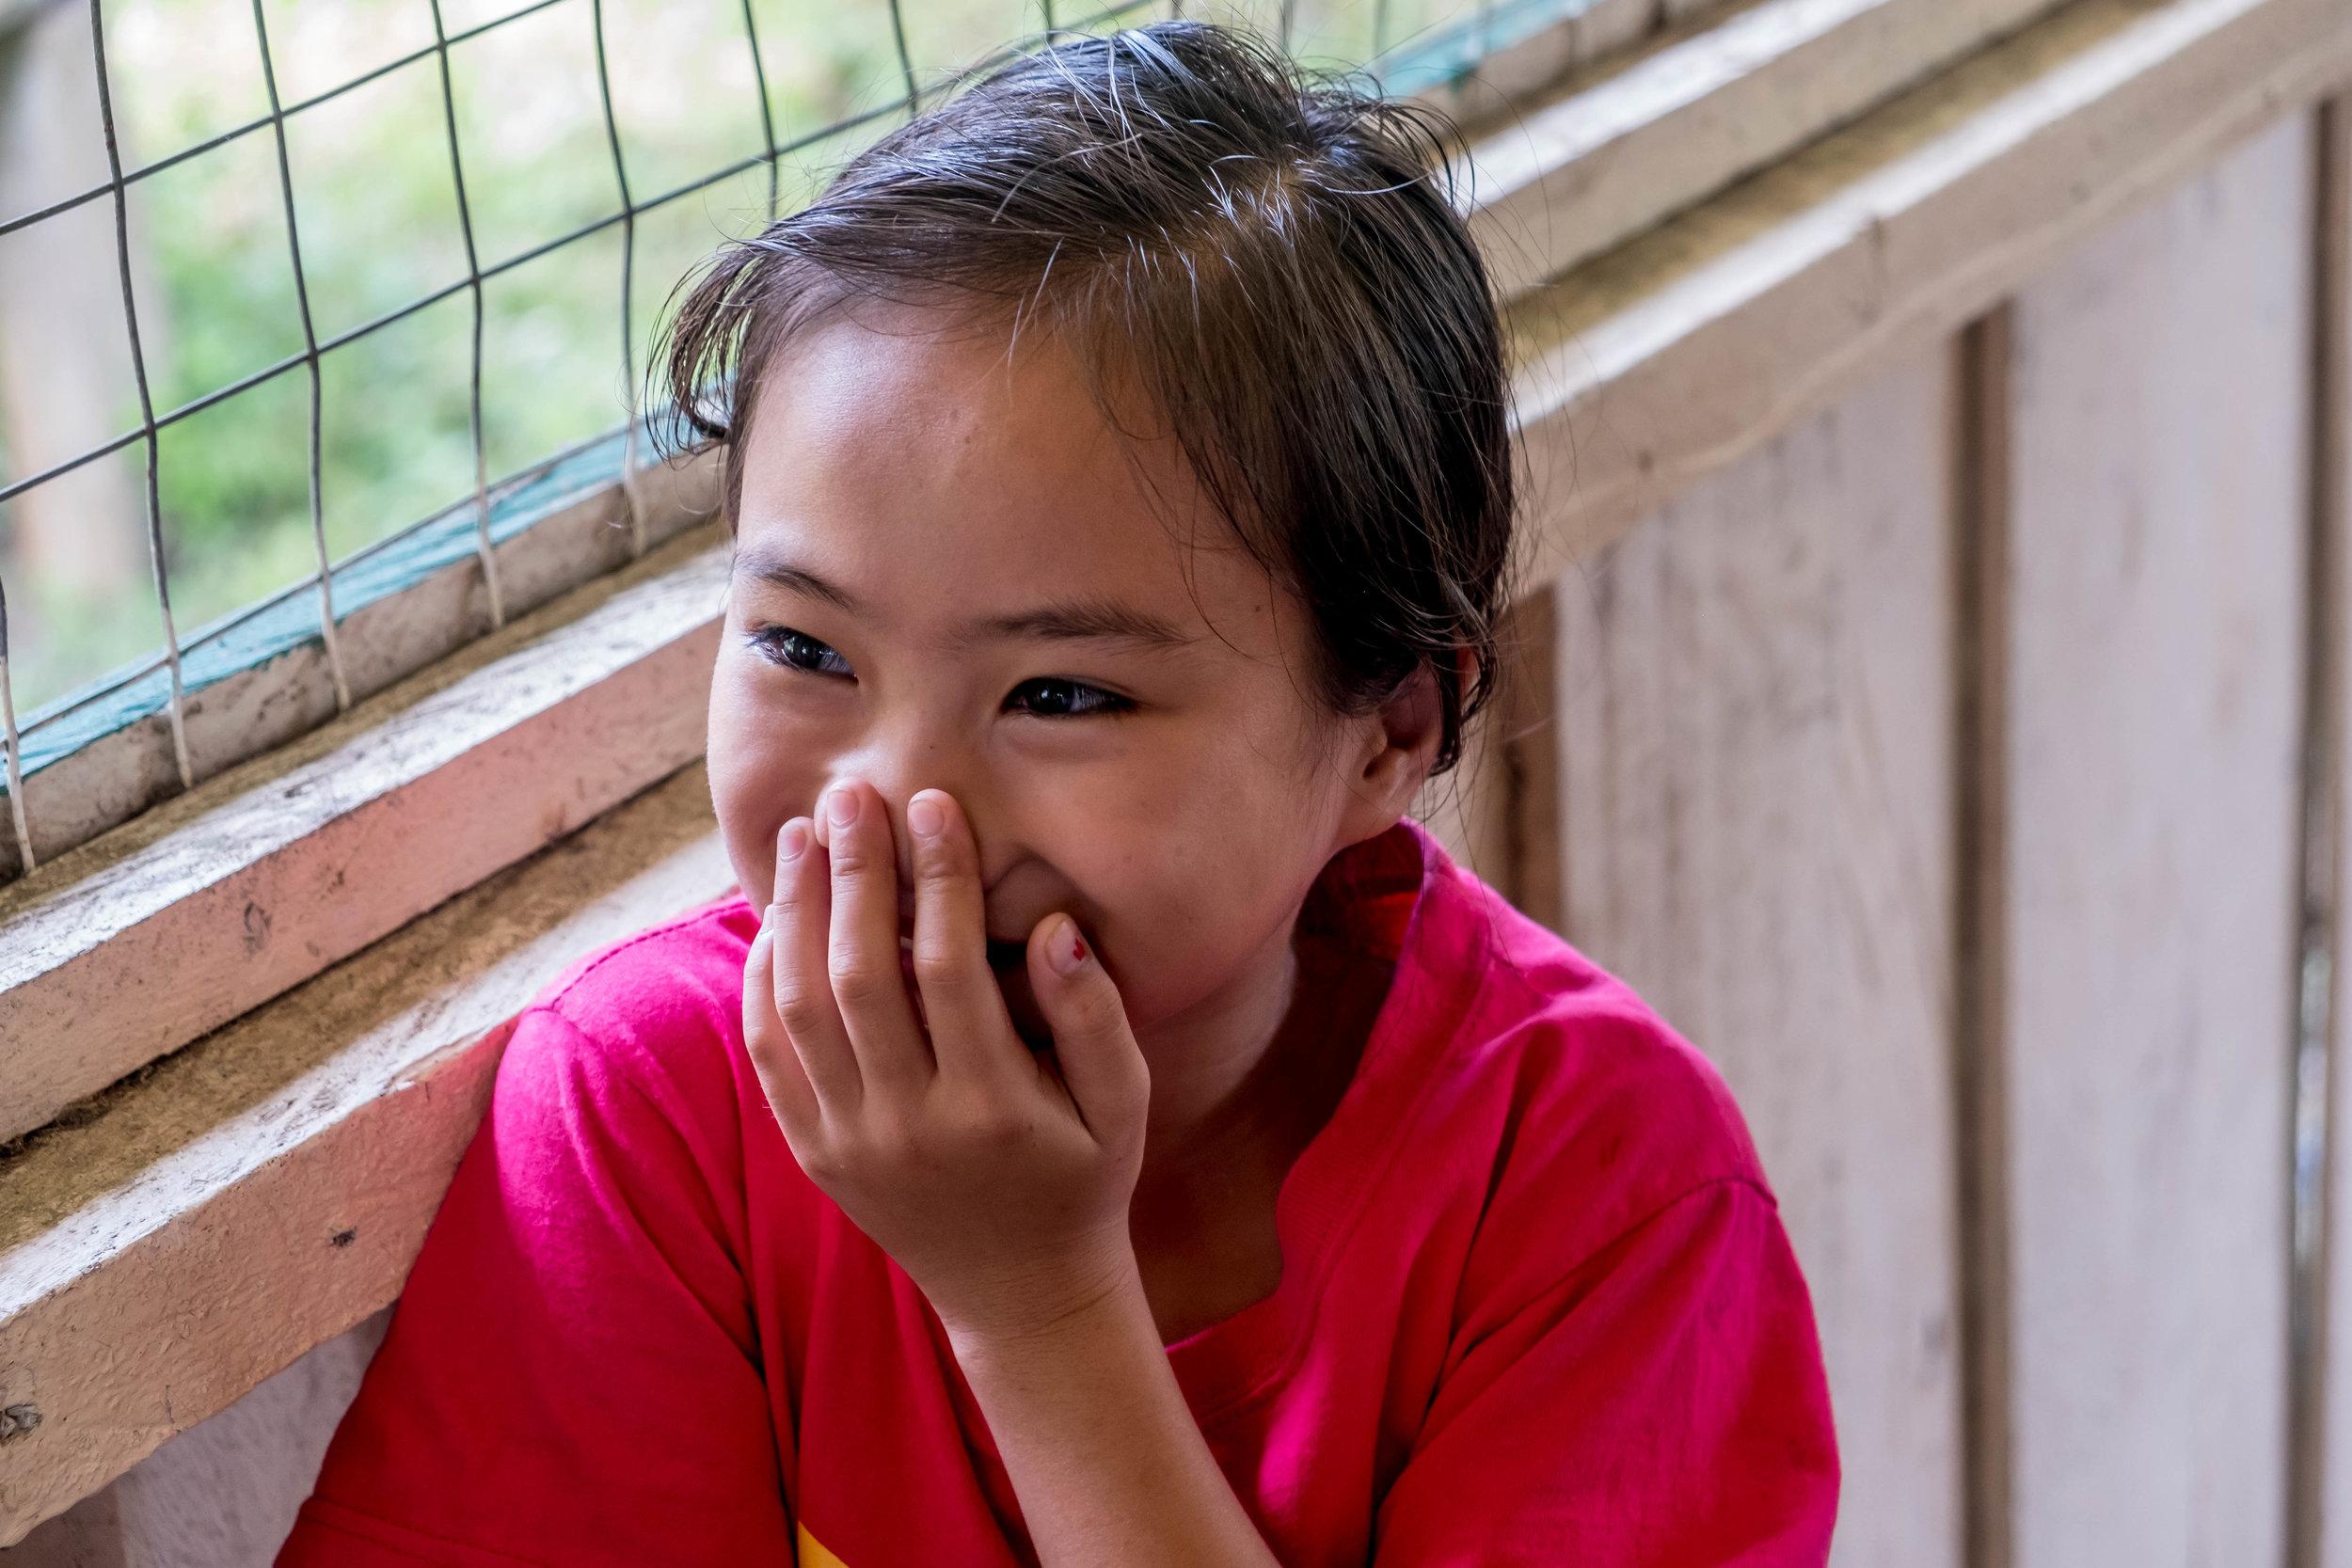 Little girl hiding her smile